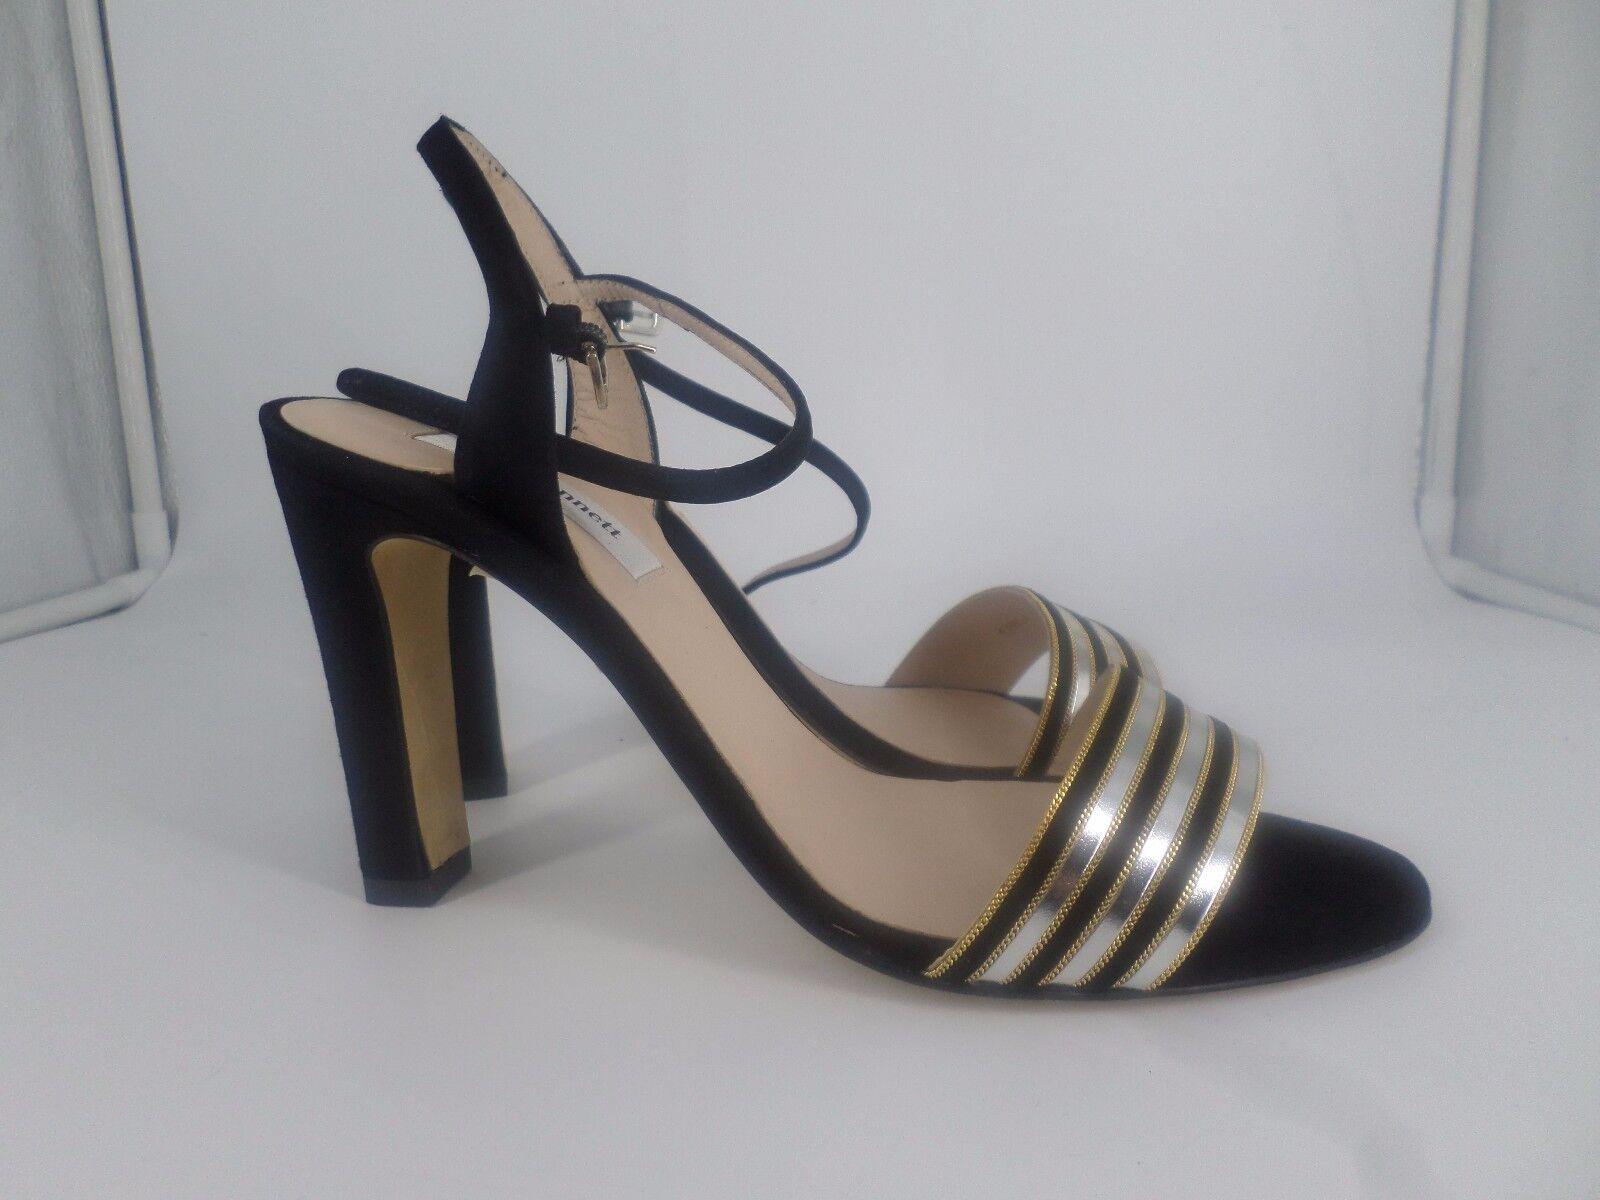 L K Bennett SAMANTHA Black Silver Suede Sandals rrp  UK 6.5 LG01 53 SALEs